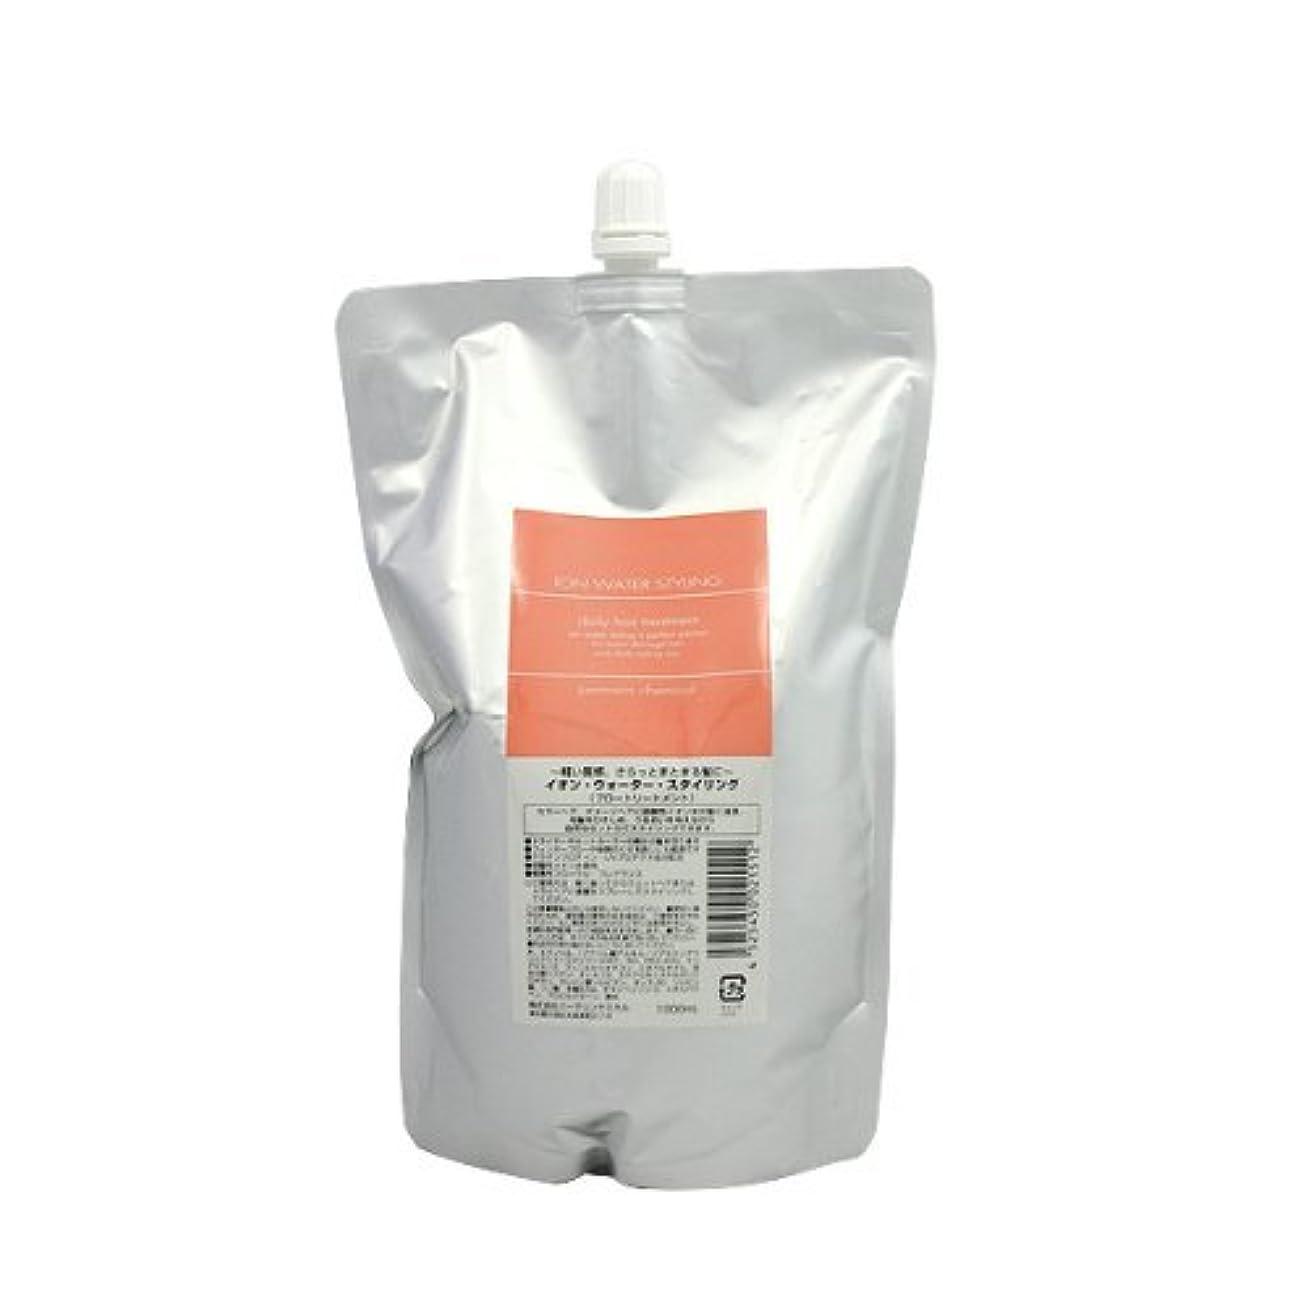 ゴミ箱異常な咳イオンウォーター スタイリング 1000ml リフィル